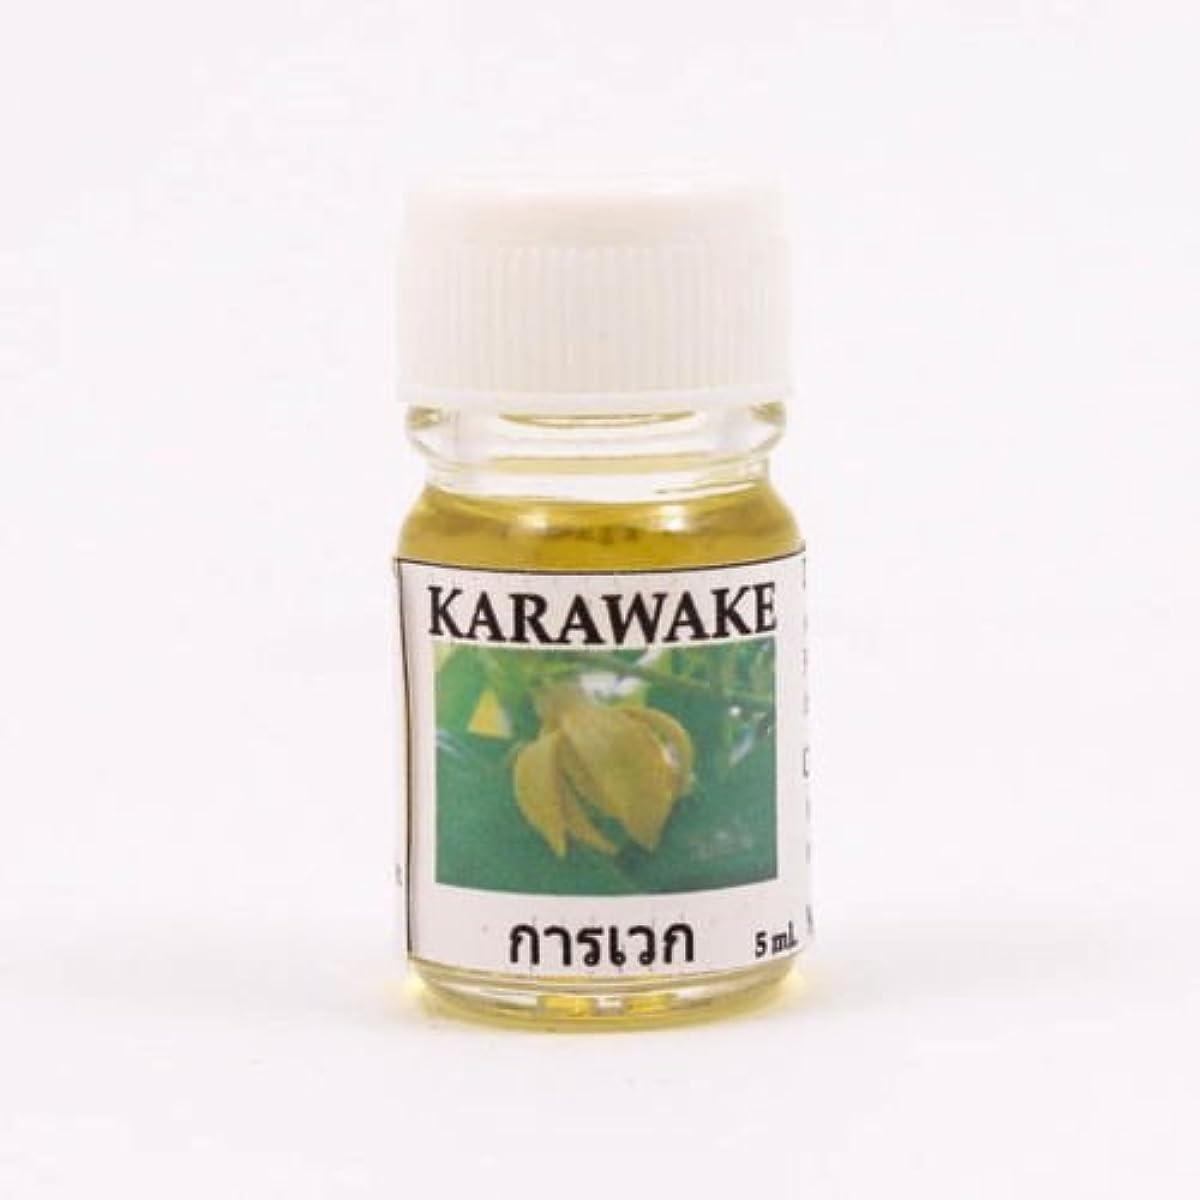 ミンチブロッサム火山学者6X Karawake Aroma Fragrance Essential Oil 5ML. cc Diffuser Burner Therapy